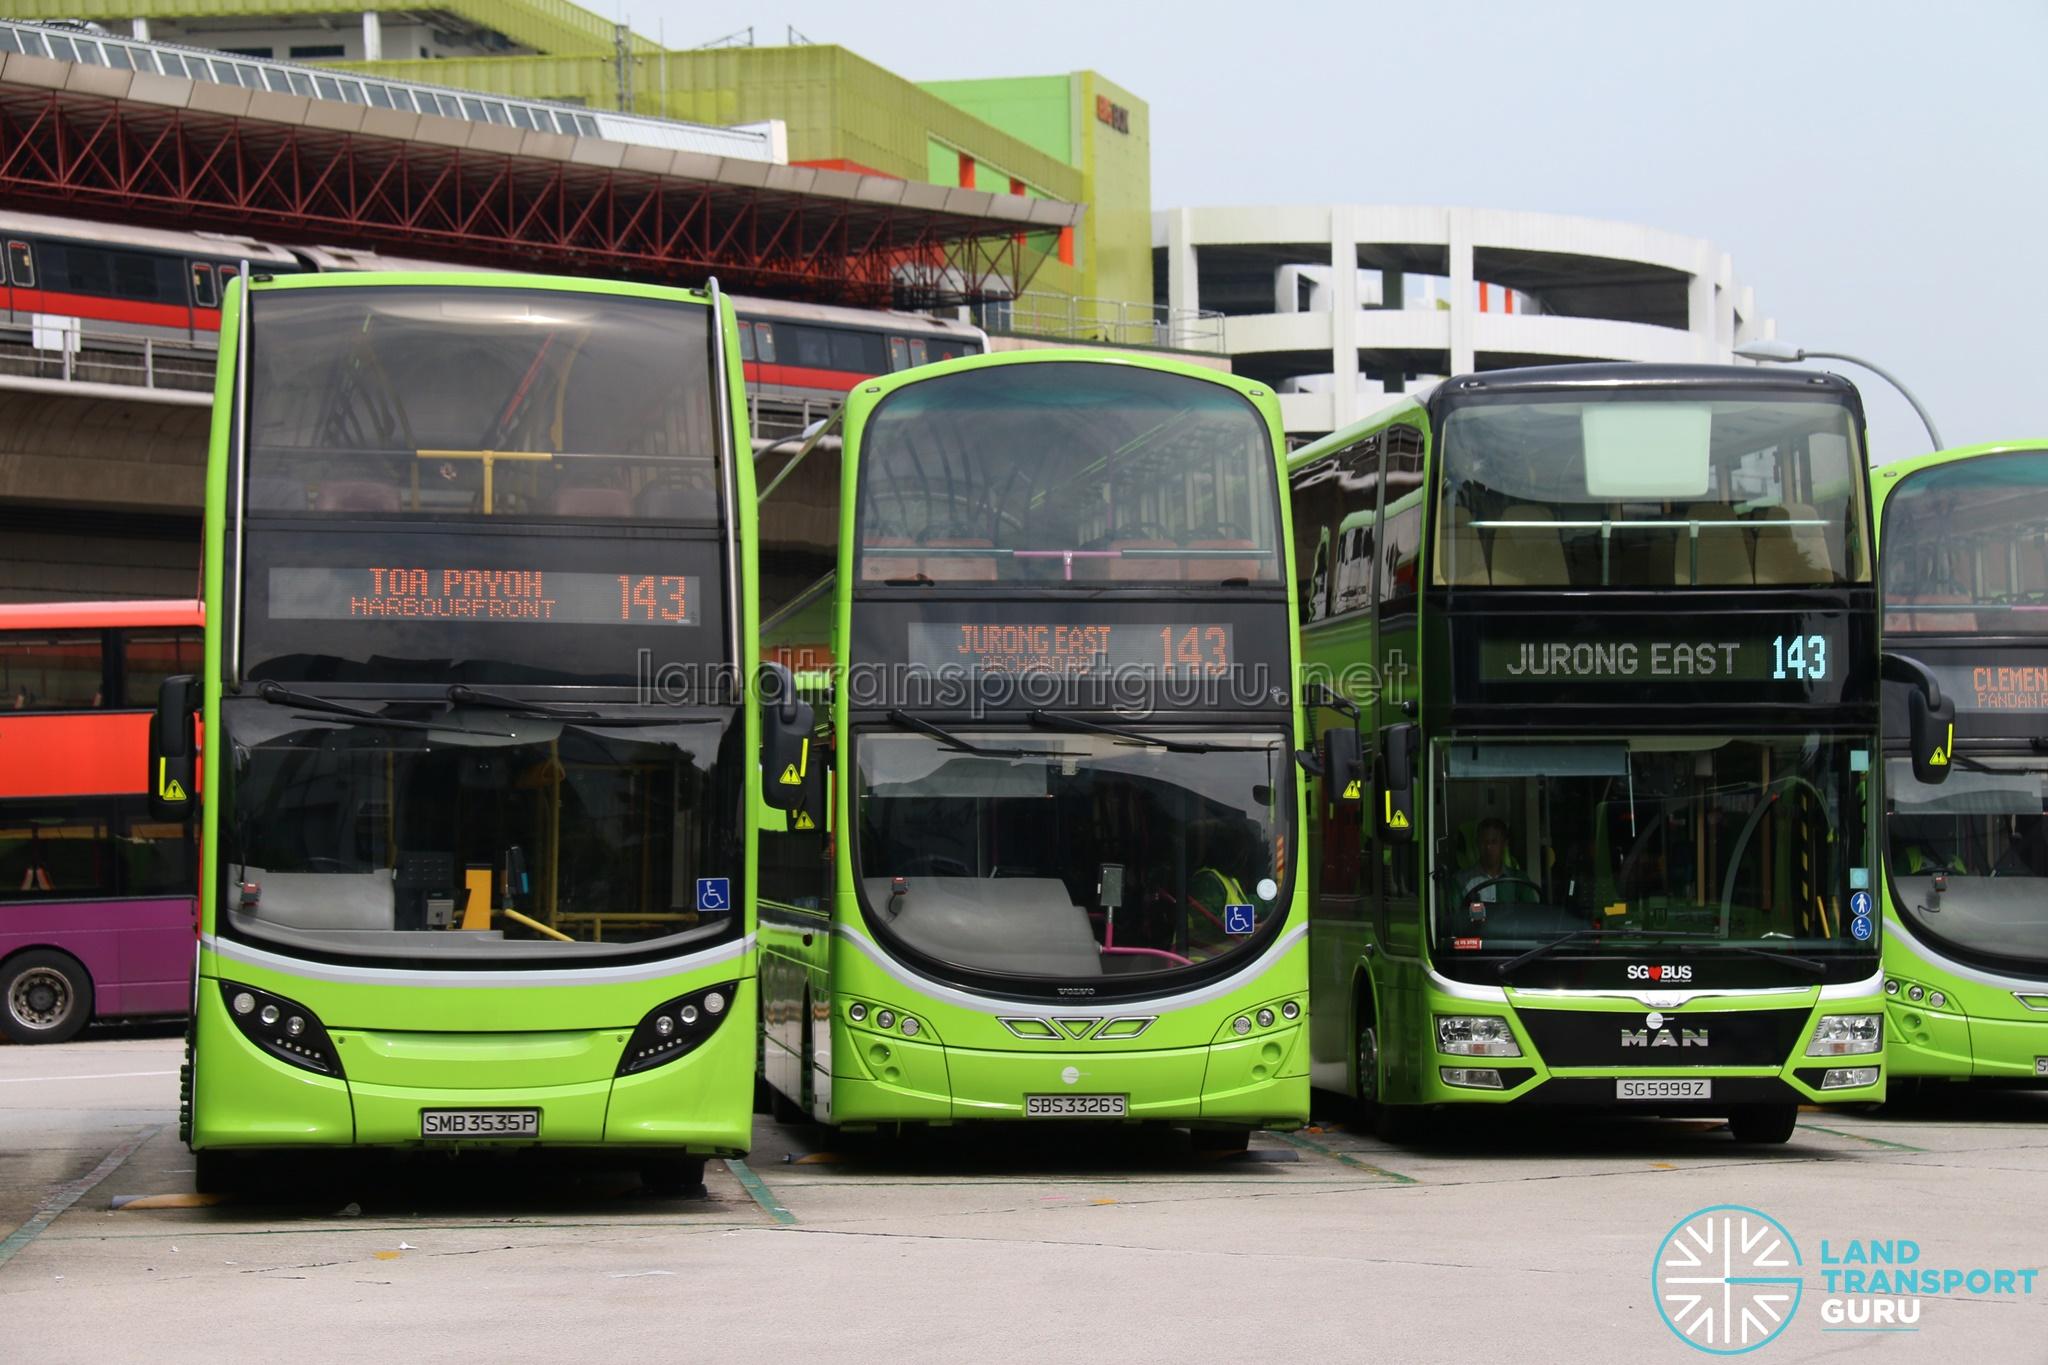 Tower Transit Bus 143